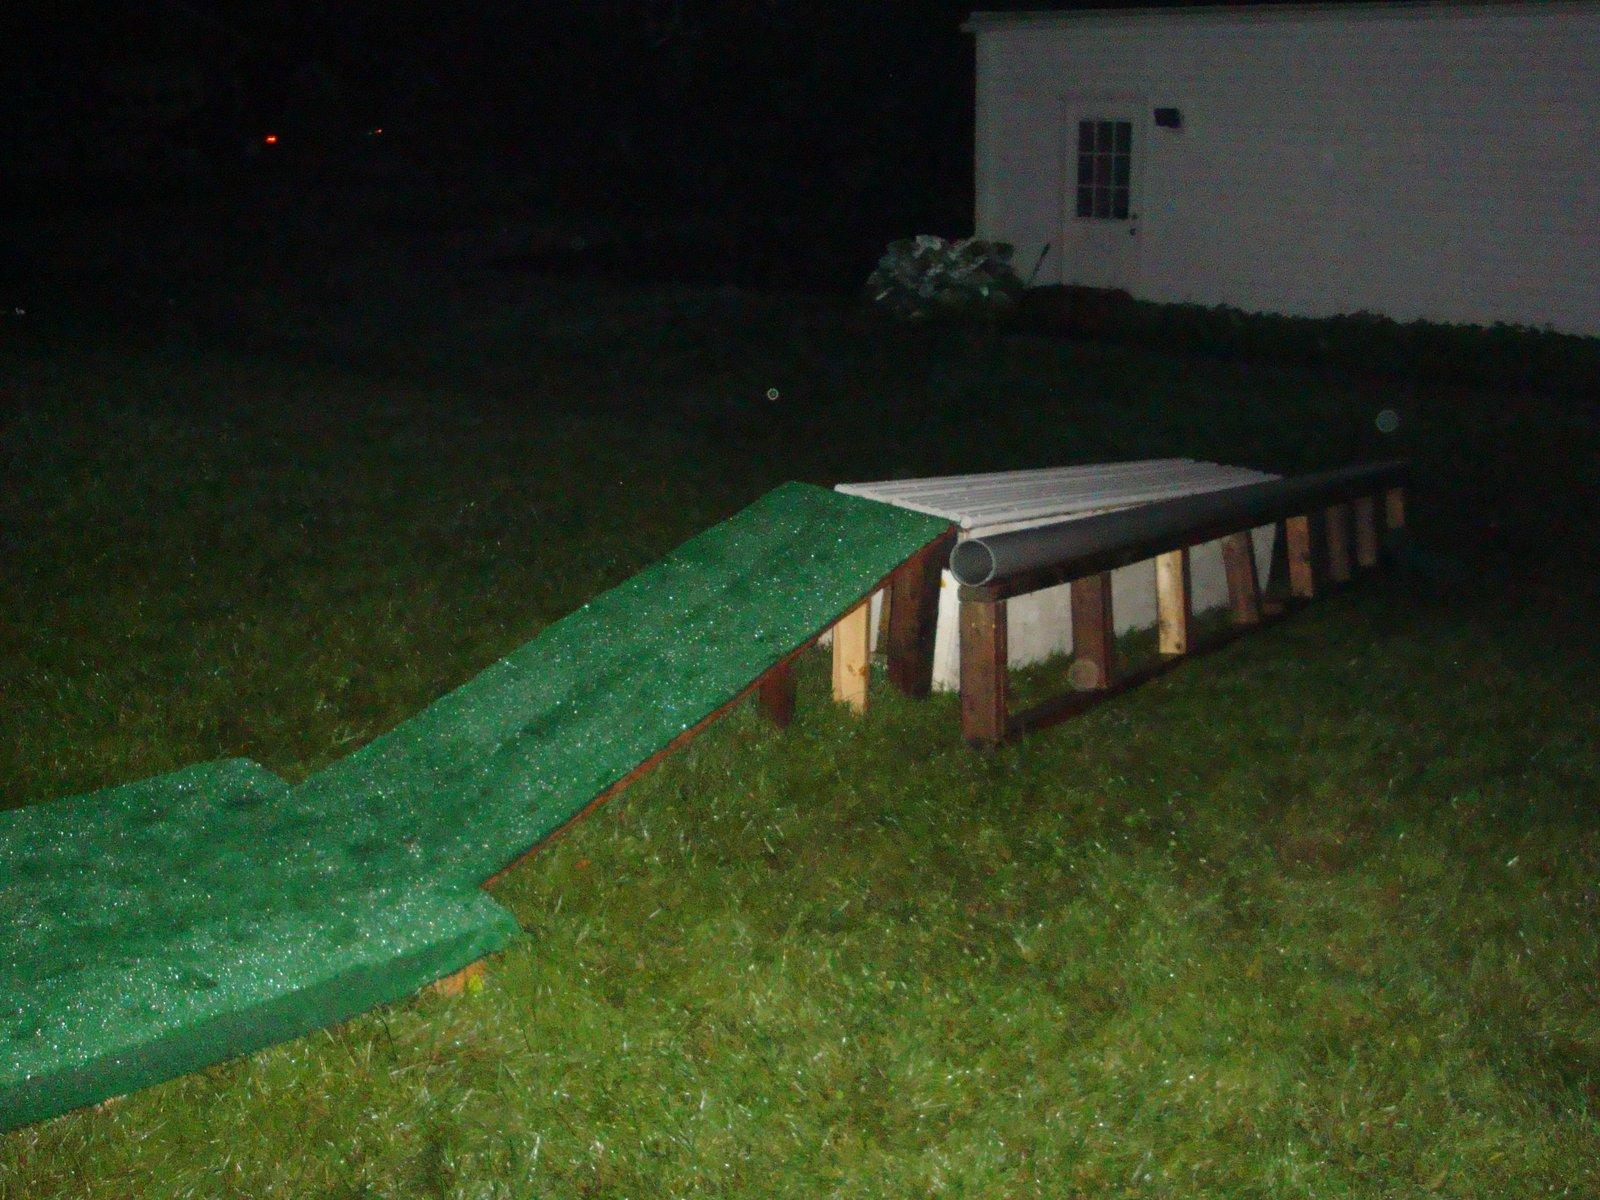 Backyard help